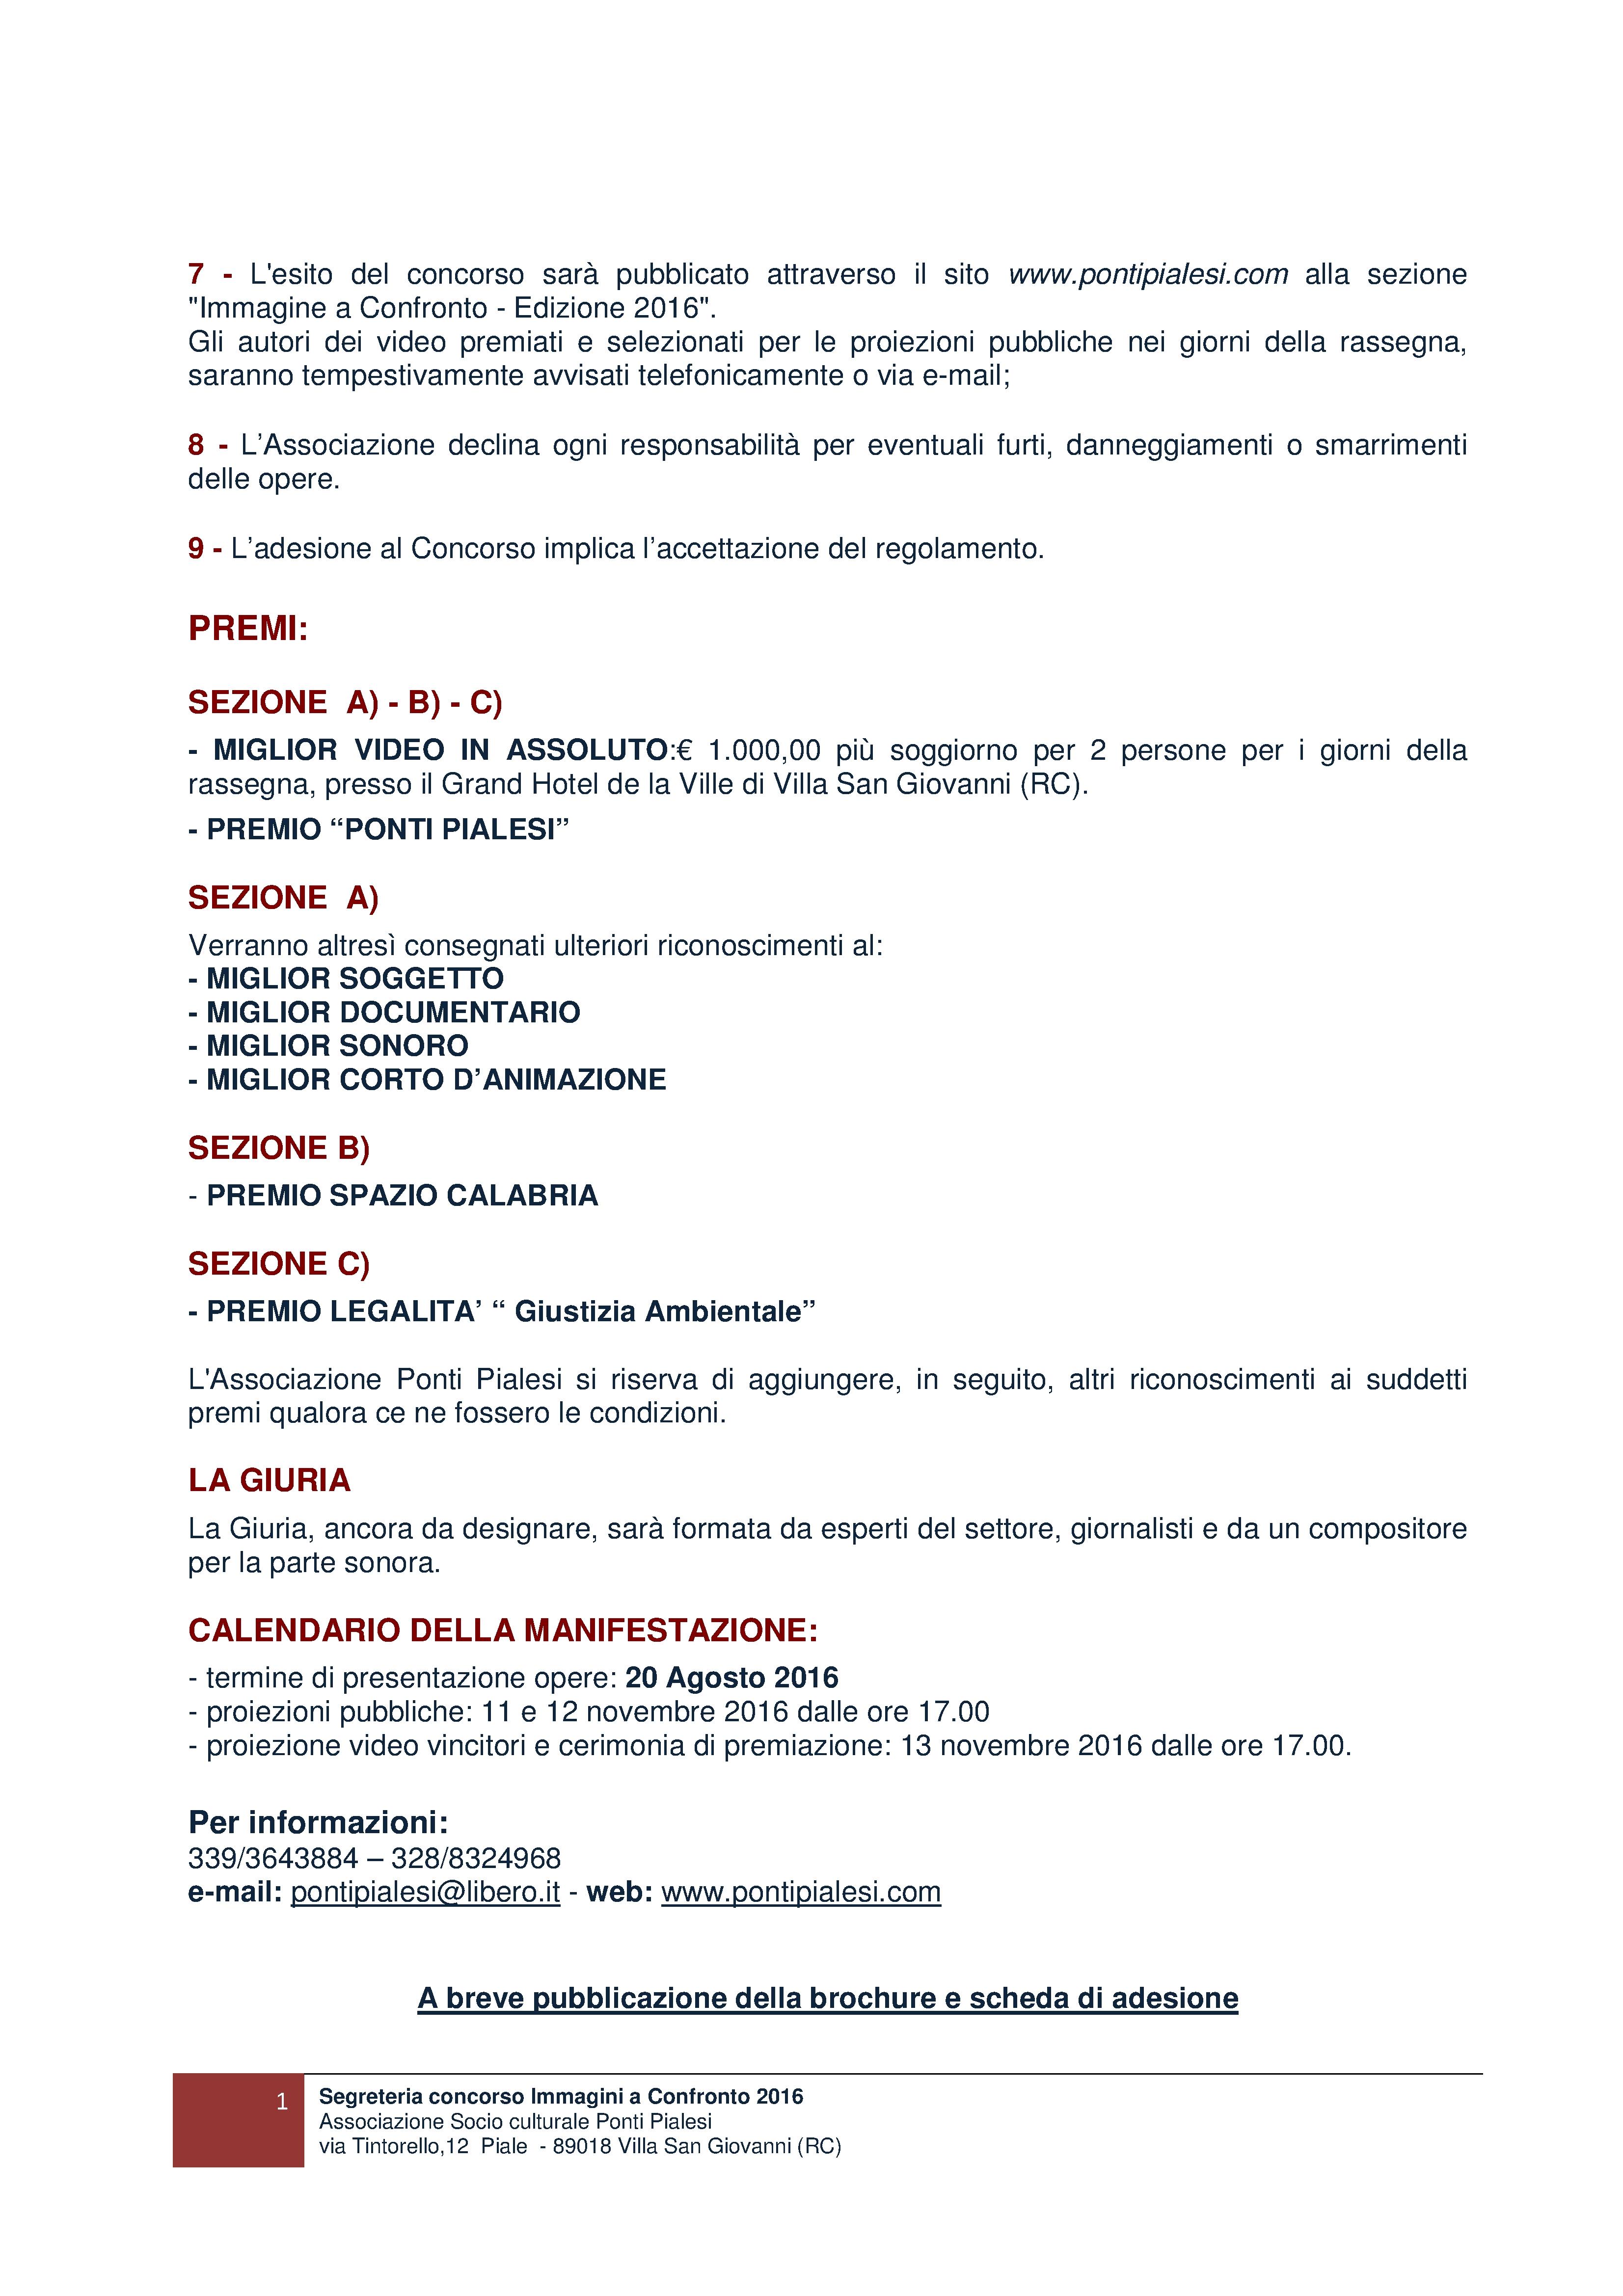 PONTI PIALESI - IMMAGINI A CONFRONTO 15a Edizione Bando IAC 2016 PAG 2